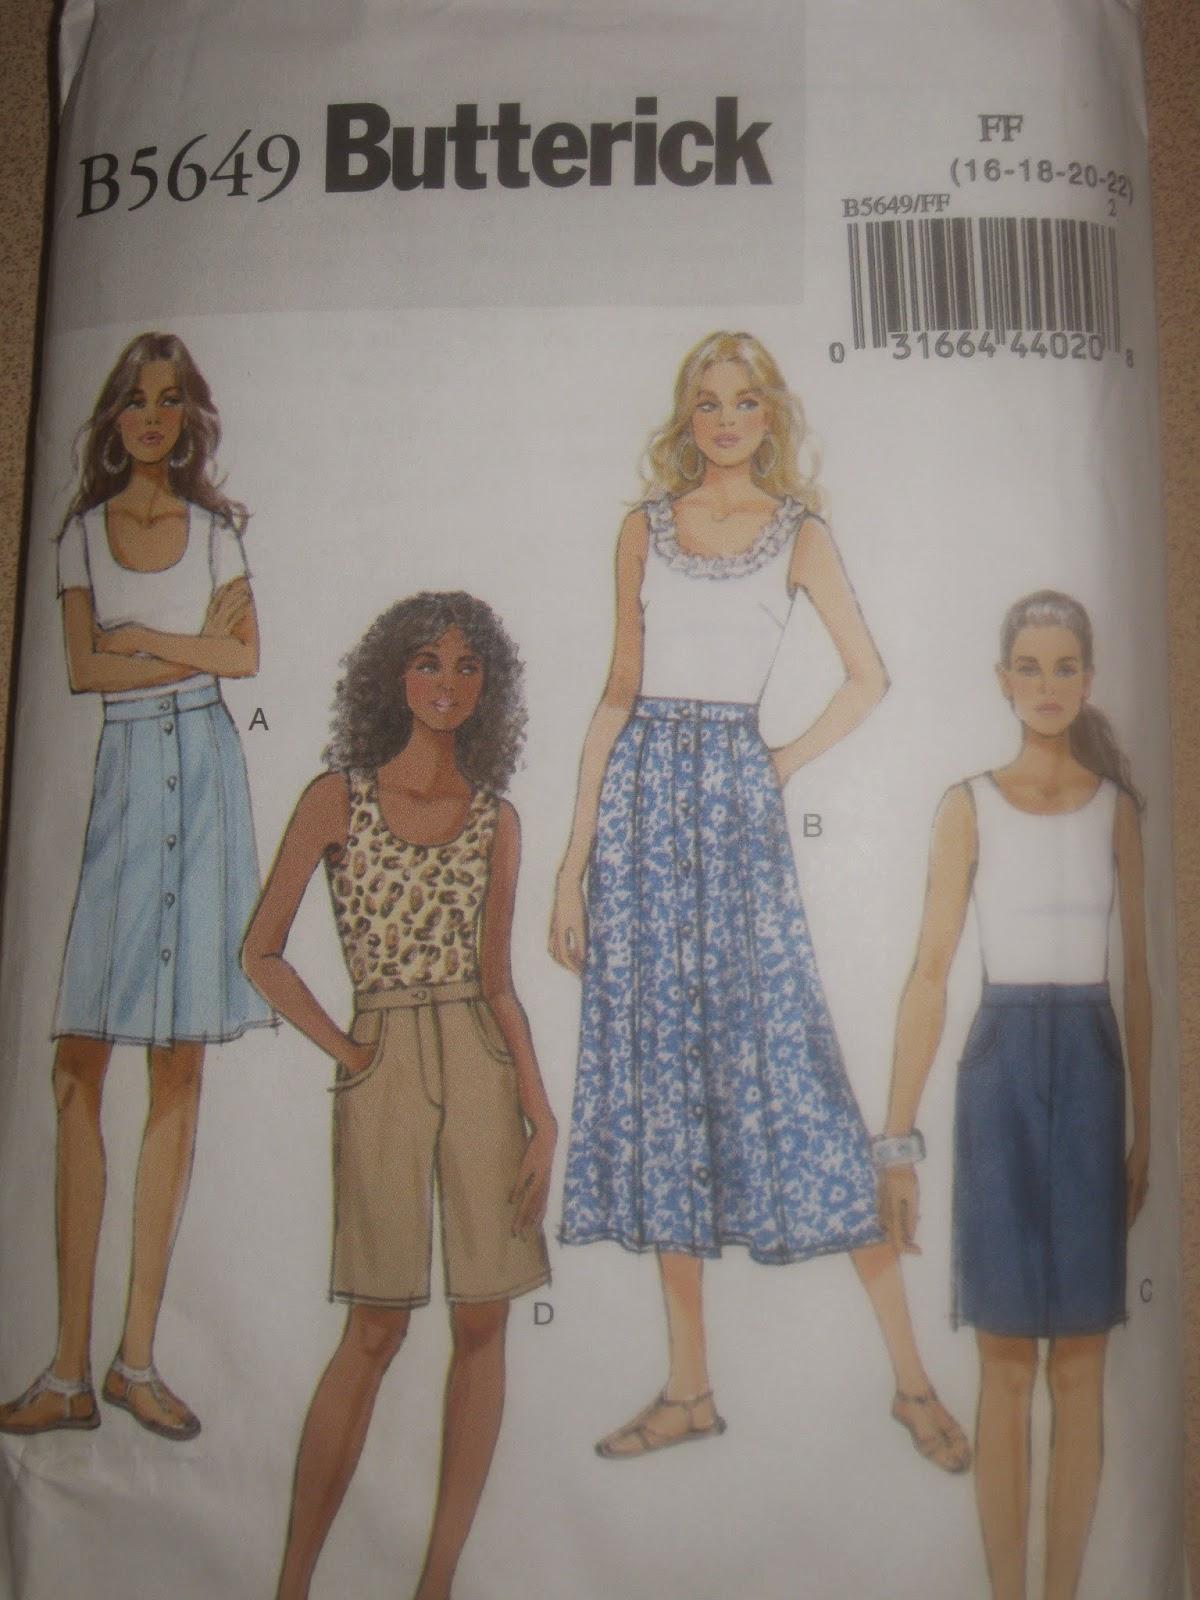 Butterick 5649 Skirt www.sewplus.blogspot.com